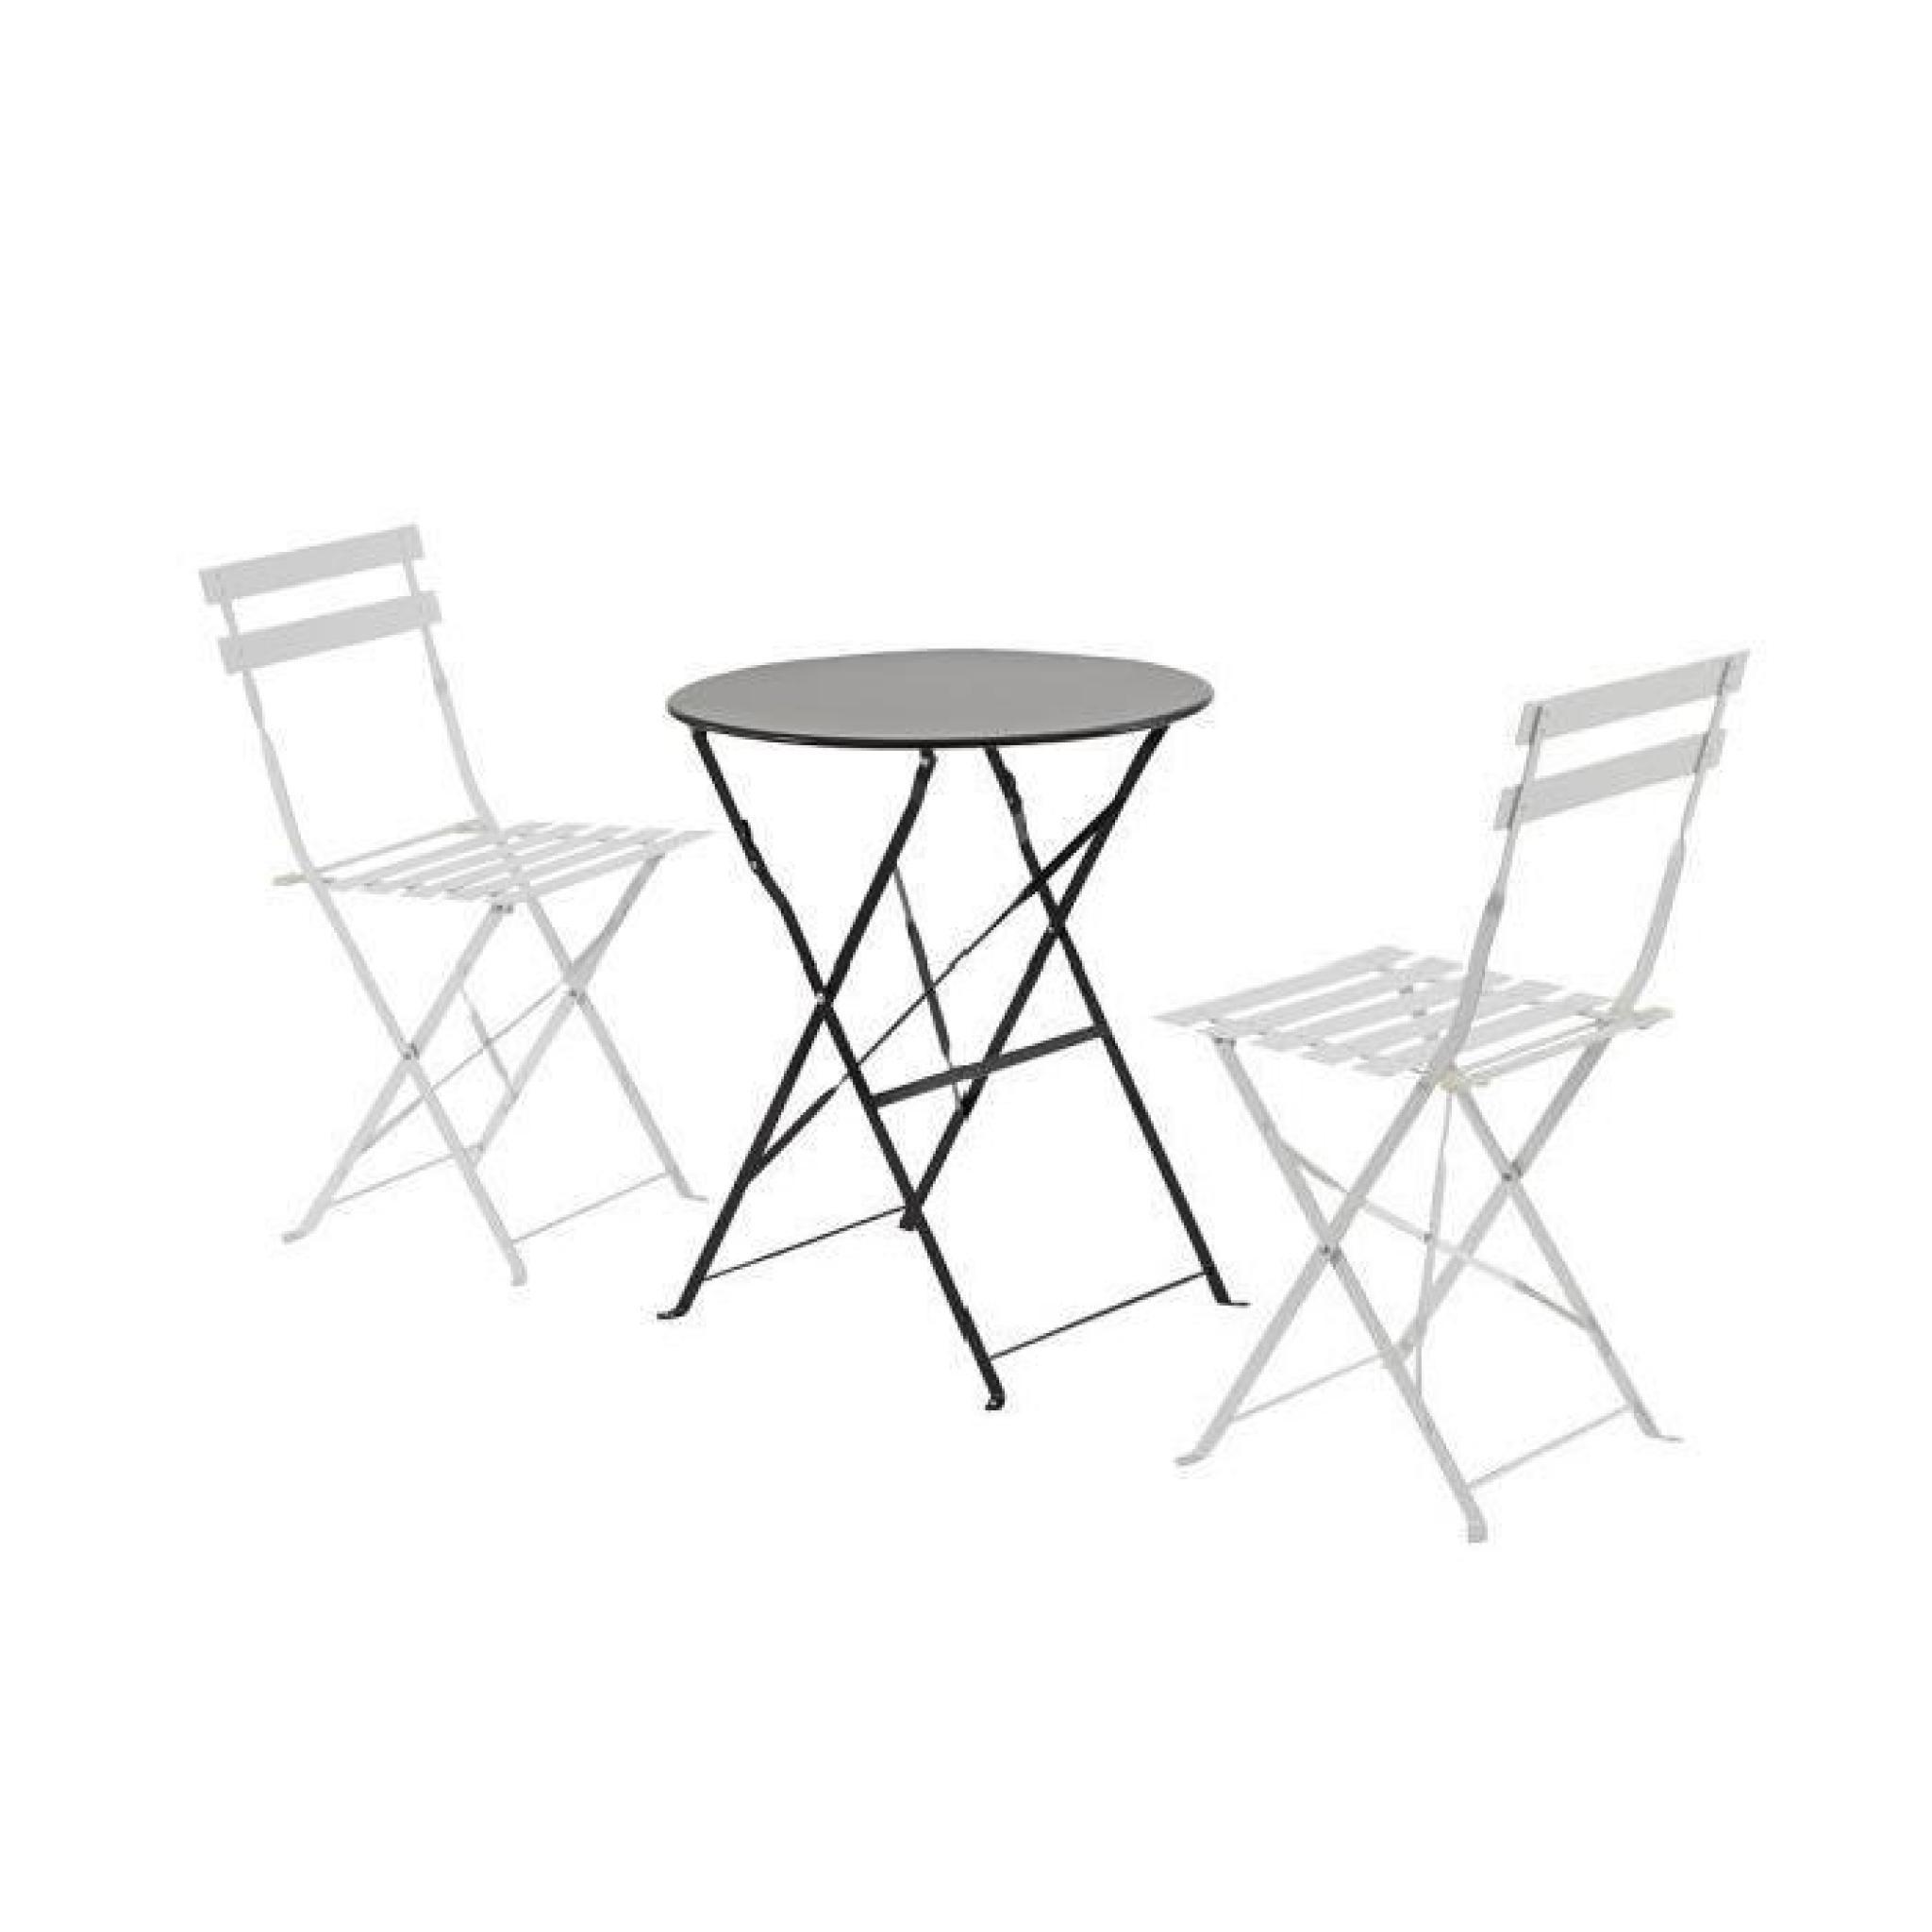 Table de jardin olivia Ronde Noire 2 places, 60 x 70 cm - Achat ...